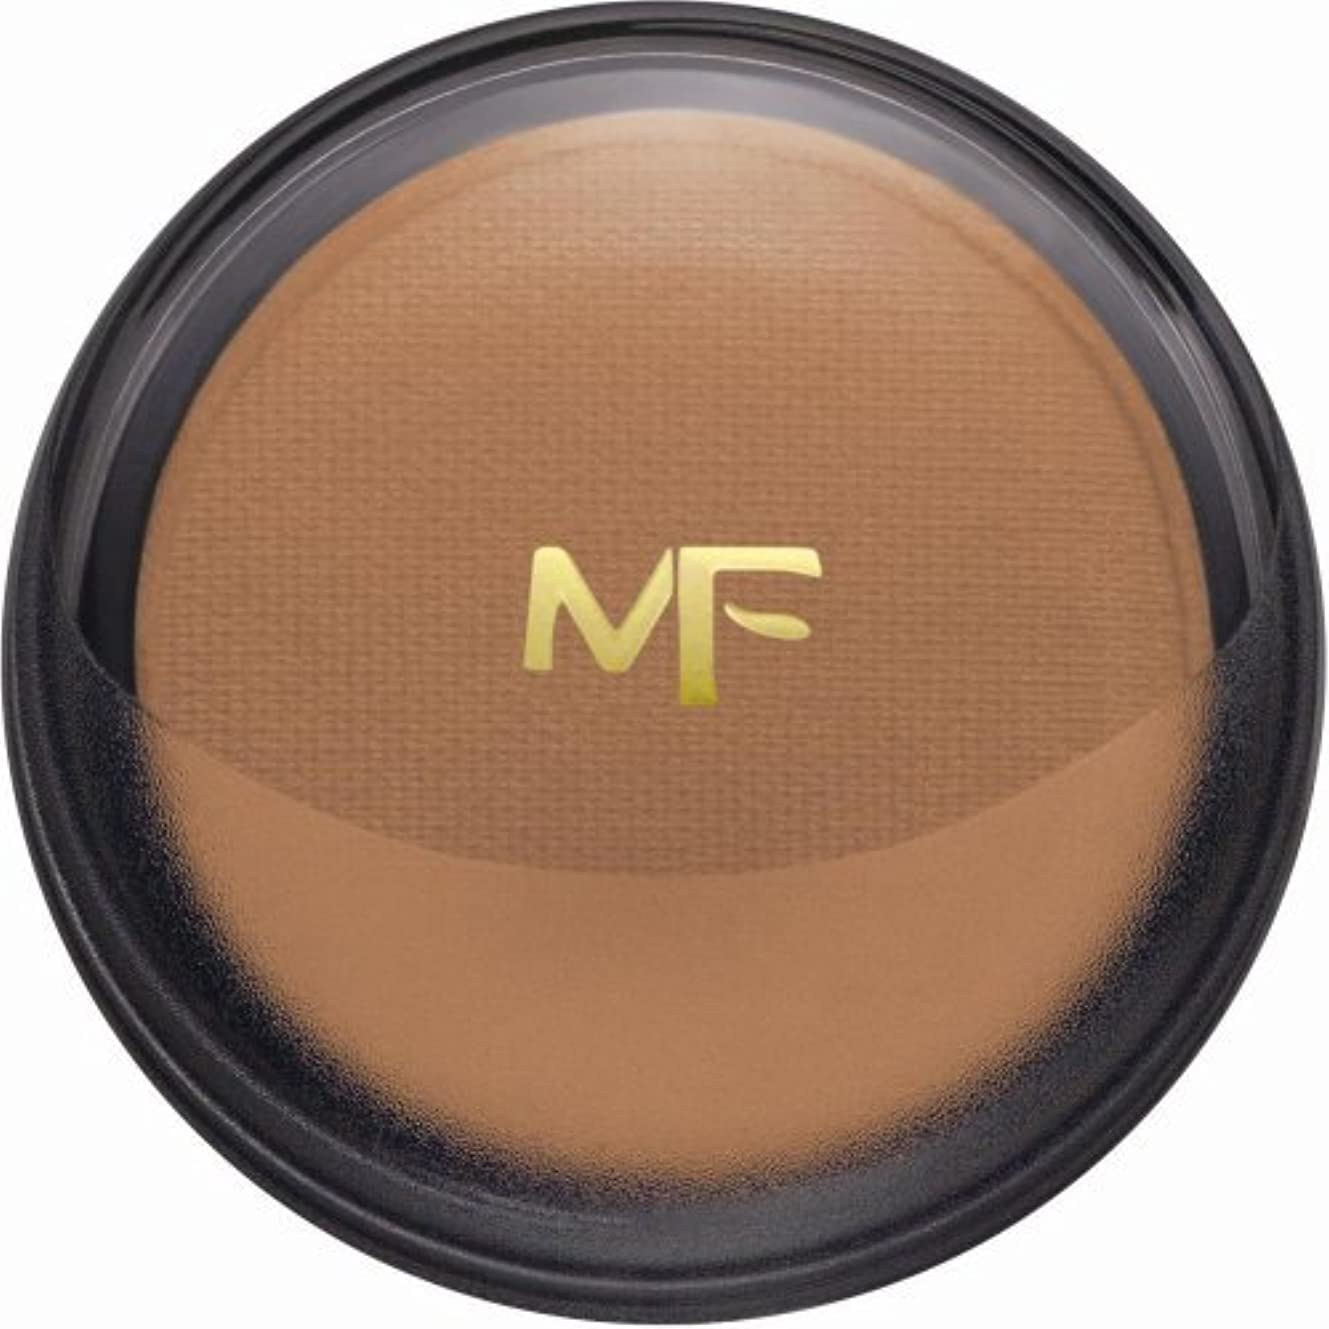 意欲養う記憶に残るMax Factor Earth Spirit Eyeshadow - 108 Inca Bronze by Max Factor